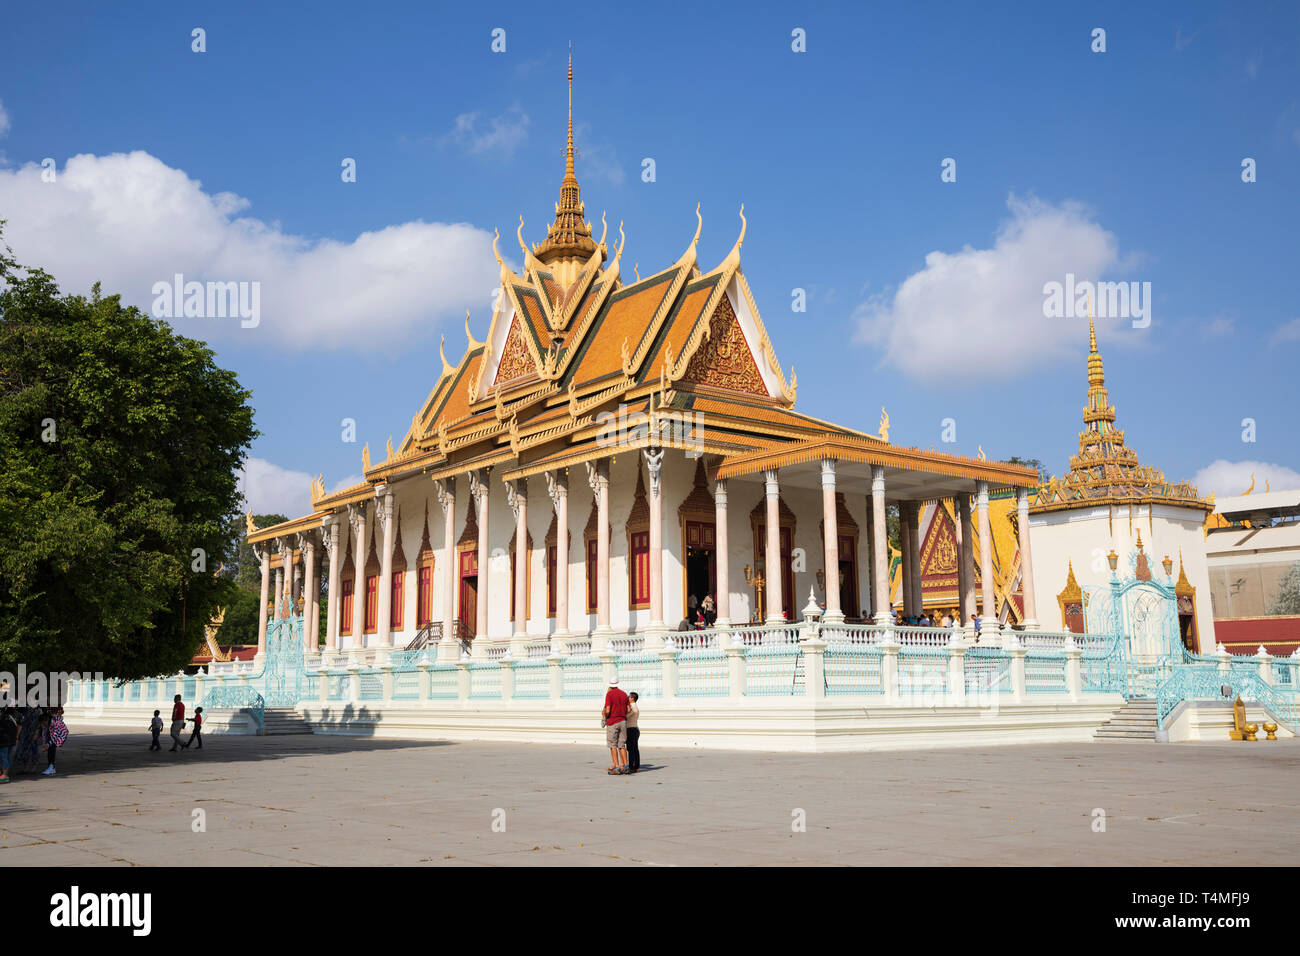 La Pagoda de Plata en el interior del recinto del Palacio Real, en Phnom Penh, Camboya, Sudeste Asiático, Asia Foto de stock